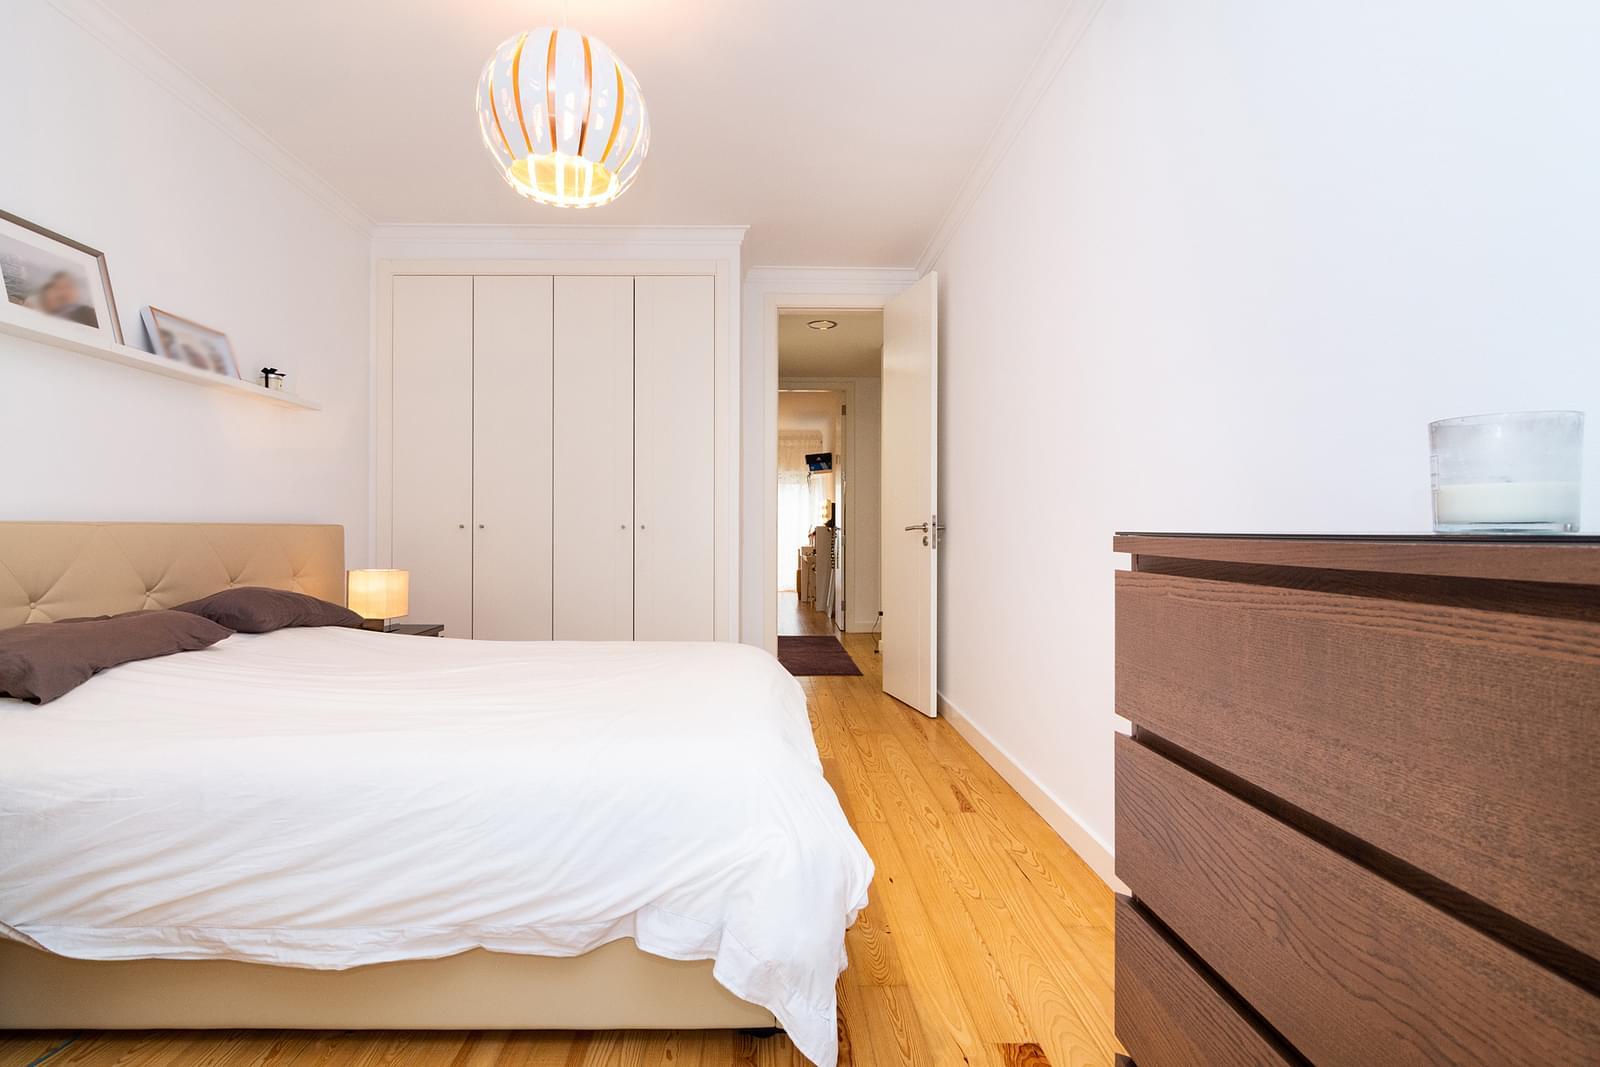 pf17626-apartamento-t6-lisboa-61d12691-ac47-406e-9ca0-e4b300cbd0a7